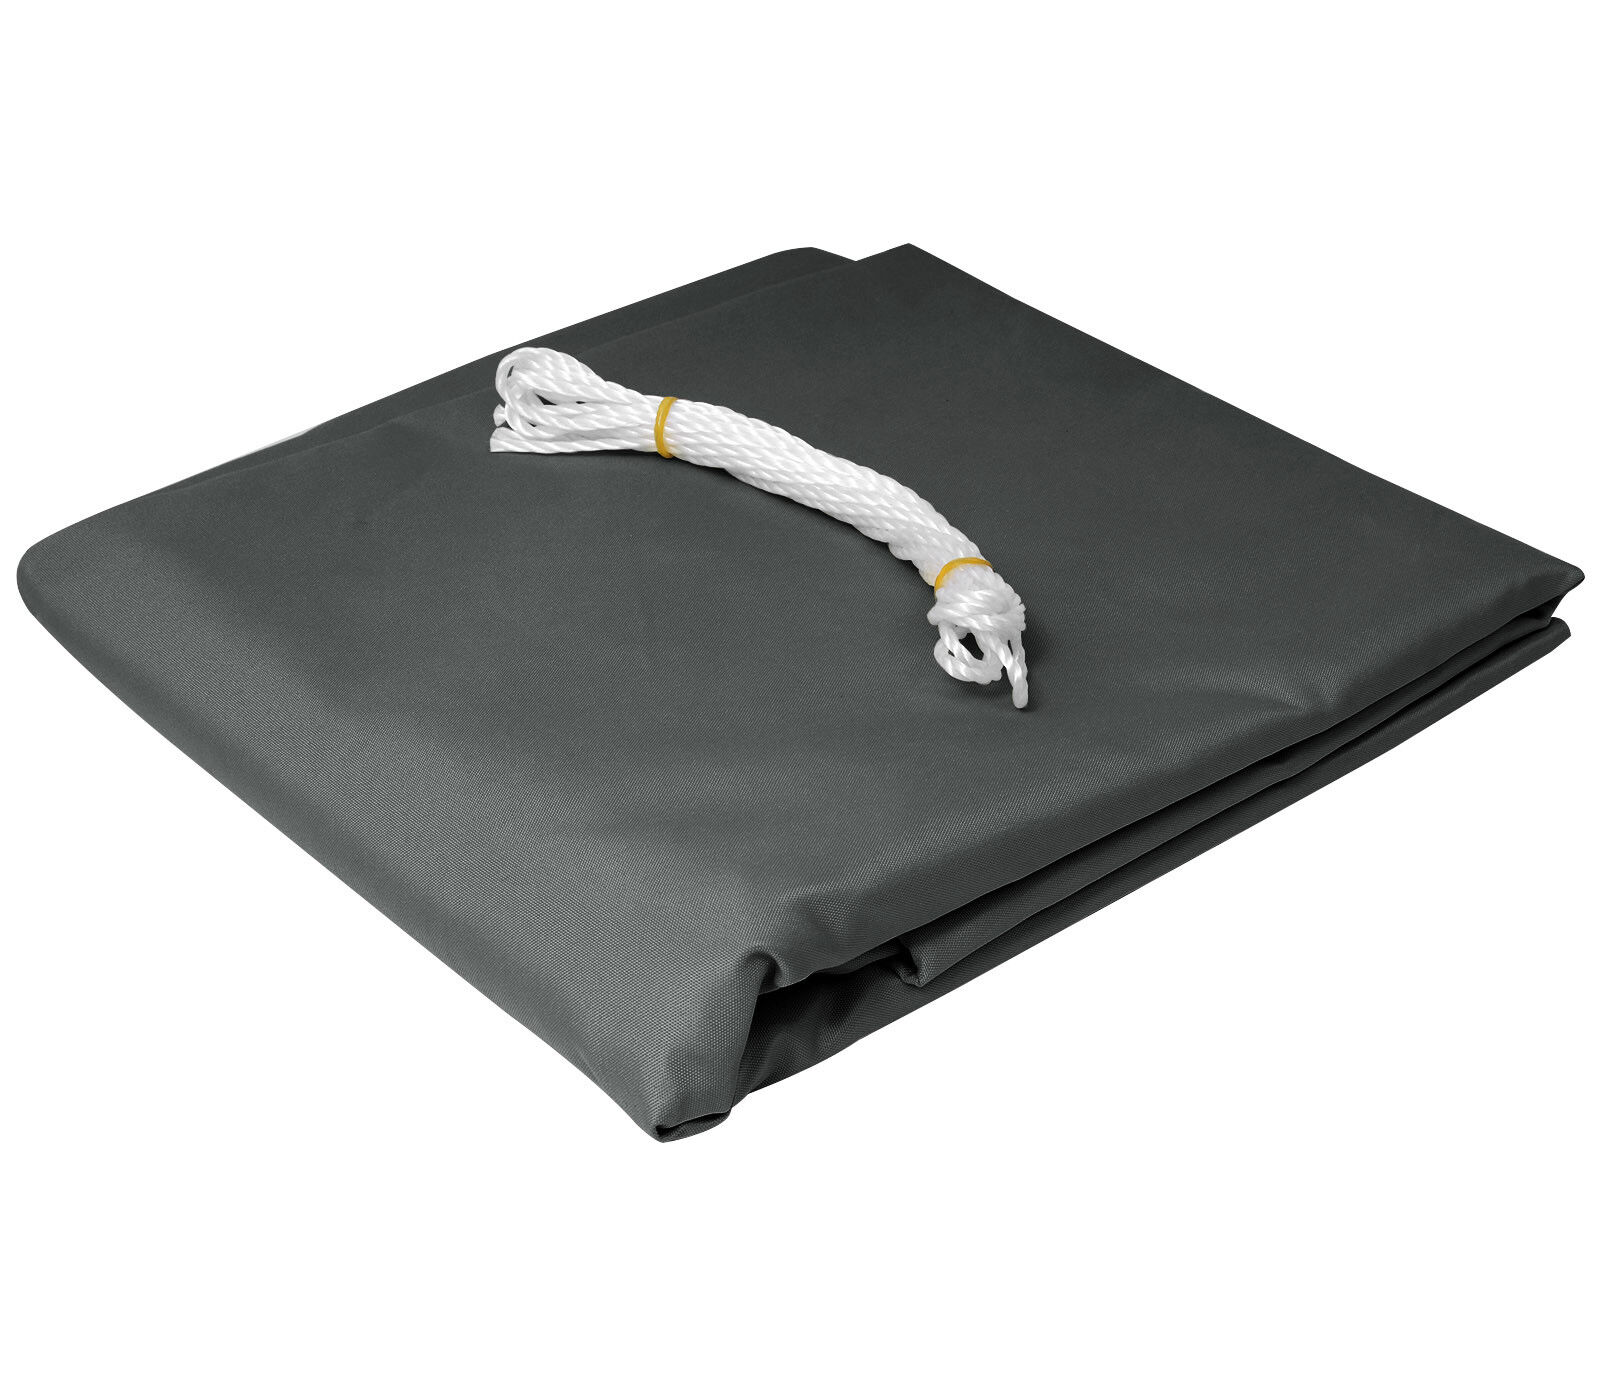 Sonnensegel Sonnenschutz Wasserabweisend Windschutz 100% Polyester Grau  609-gr | Schön geformt  | Neuer Stil  | New Style